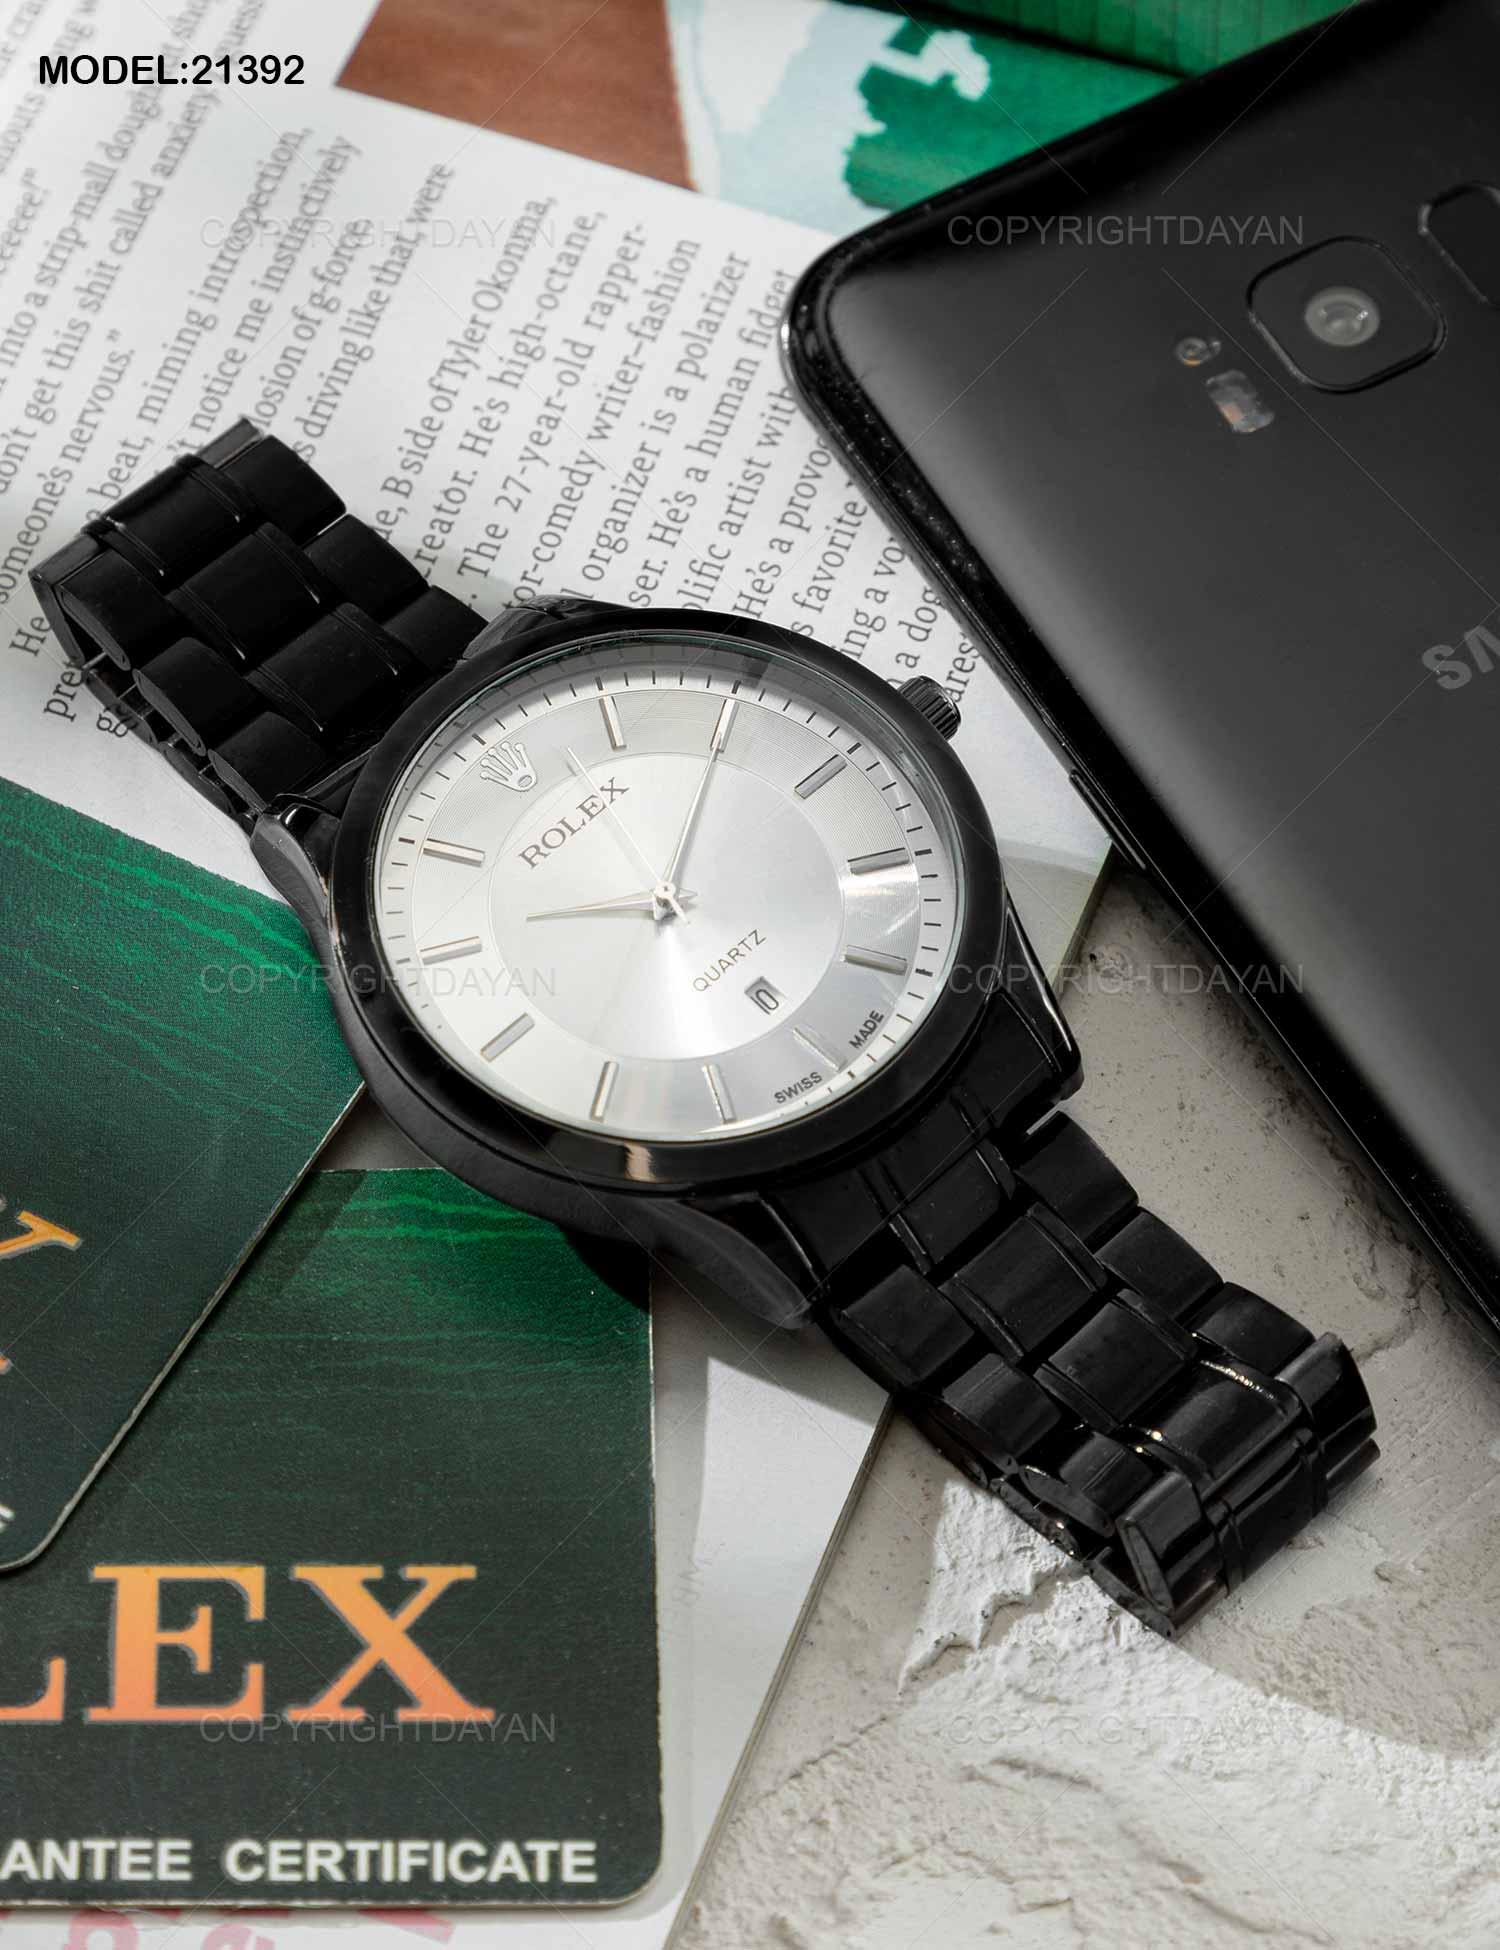 ساعت مچی مردانه Rolex مدل 21392